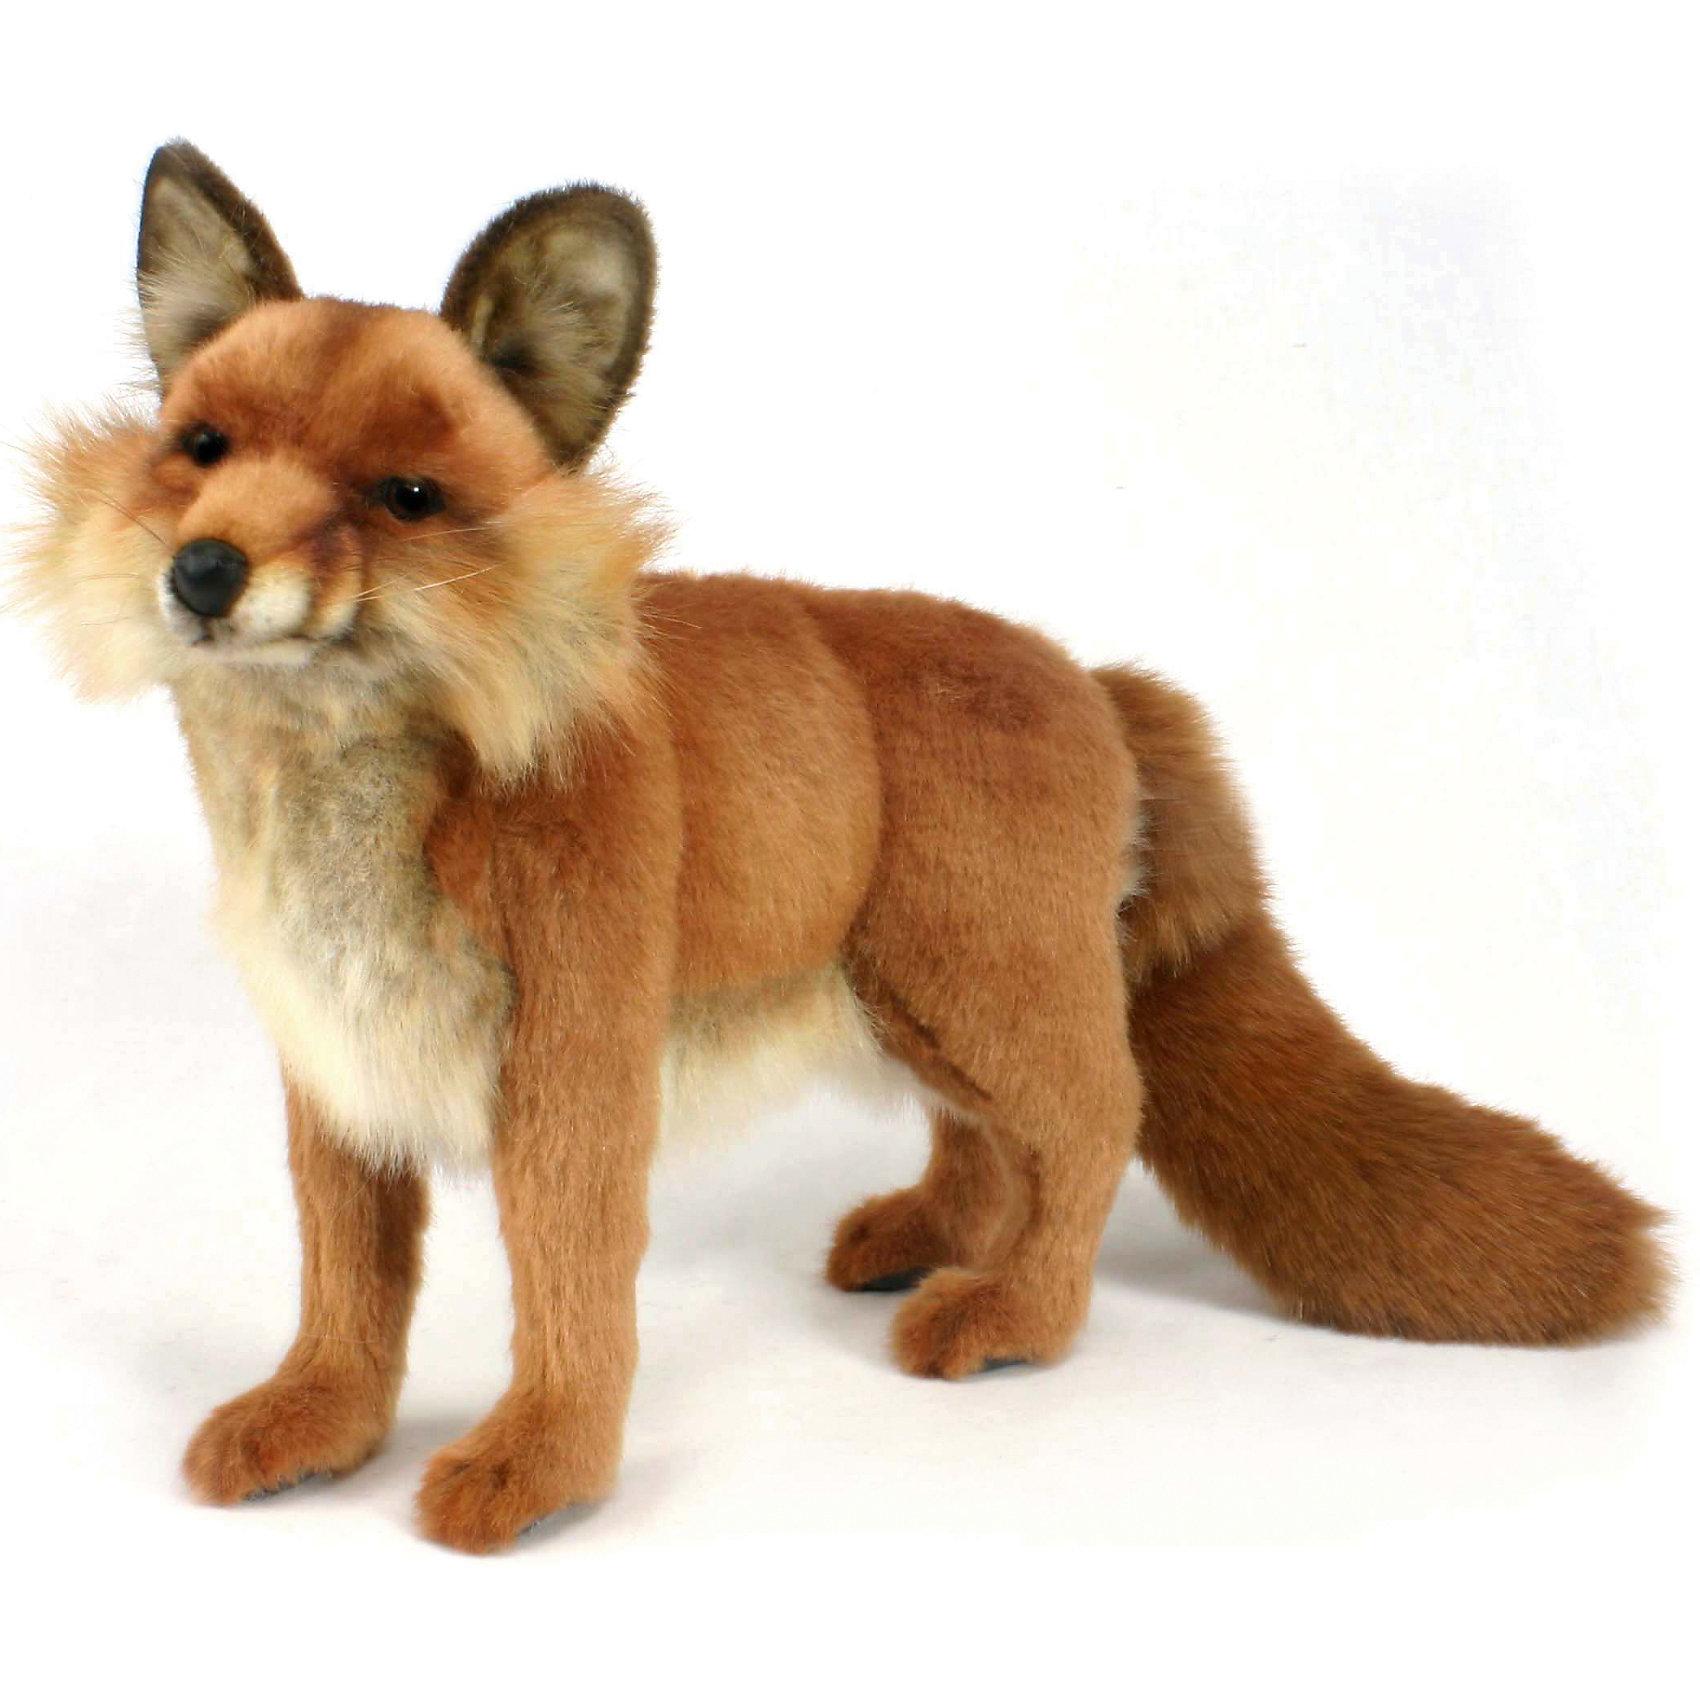 Рыжая лисица, 40смЗвери и птицы<br>Рыжая лиса, 40 см – игрушка от знаменитого бренда Hansa, специализирующегося на выпуске мягких игрушек с высокой степенью натуралистичности. Внешний игрушки полностью соответствует реальному прототипу – лисице обыкновенной. Игрушка выполнена из ярко-коричневого меха с ворсом разной длины, который обладает гипоаллергенными свойствами. У игрушечной лисы пушистая мордочка и хвост. Внутри имеется металлический каркас, который позволяет изменять положение. Игрушка относится к серии Дикие животные. <br>Мягкие игрушки от Hansa подходят для сюжетно-ролевых игр или для обучающих игр. Кроме того, их можно использовать в качестве интерьерных игрушек. Игрушки от Hansa будут радовать вашего ребенка долгое время, так как ручная работа и качественные материалы гарантируют их долговечность и прочность.<br><br>Дополнительная информация:<br><br>- Вид игр: сюжетно-ролевые игры, коллекционирование, интерьерные игрушки<br>- Предназначение: для дома, для детских развивающих центров, для детских садов<br>- Материал: искусственный мех, наполнитель ? полиэфирное волокно<br>- Размер (ДхШхВ): 40*36*14 см<br>- Вес: 1 кг 395 г<br>- Особенности ухода: сухая чистка при помощи пылесоса или щетки для одежды<br><br>Подробнее:<br><br>• Для детей в возрасте: от 3 лет <br>• Страна производитель: Филиппины<br>• Торговый бренд: Hansa<br><br>Рыжую лису, 40 см можно купить в нашем интернет-магазине.<br><br>Ширина мм: 40<br>Глубина мм: 36<br>Высота мм: 14<br>Вес г: 1395<br>Возраст от месяцев: 36<br>Возраст до месяцев: 2147483647<br>Пол: Унисекс<br>Возраст: Детский<br>SKU: 4927194